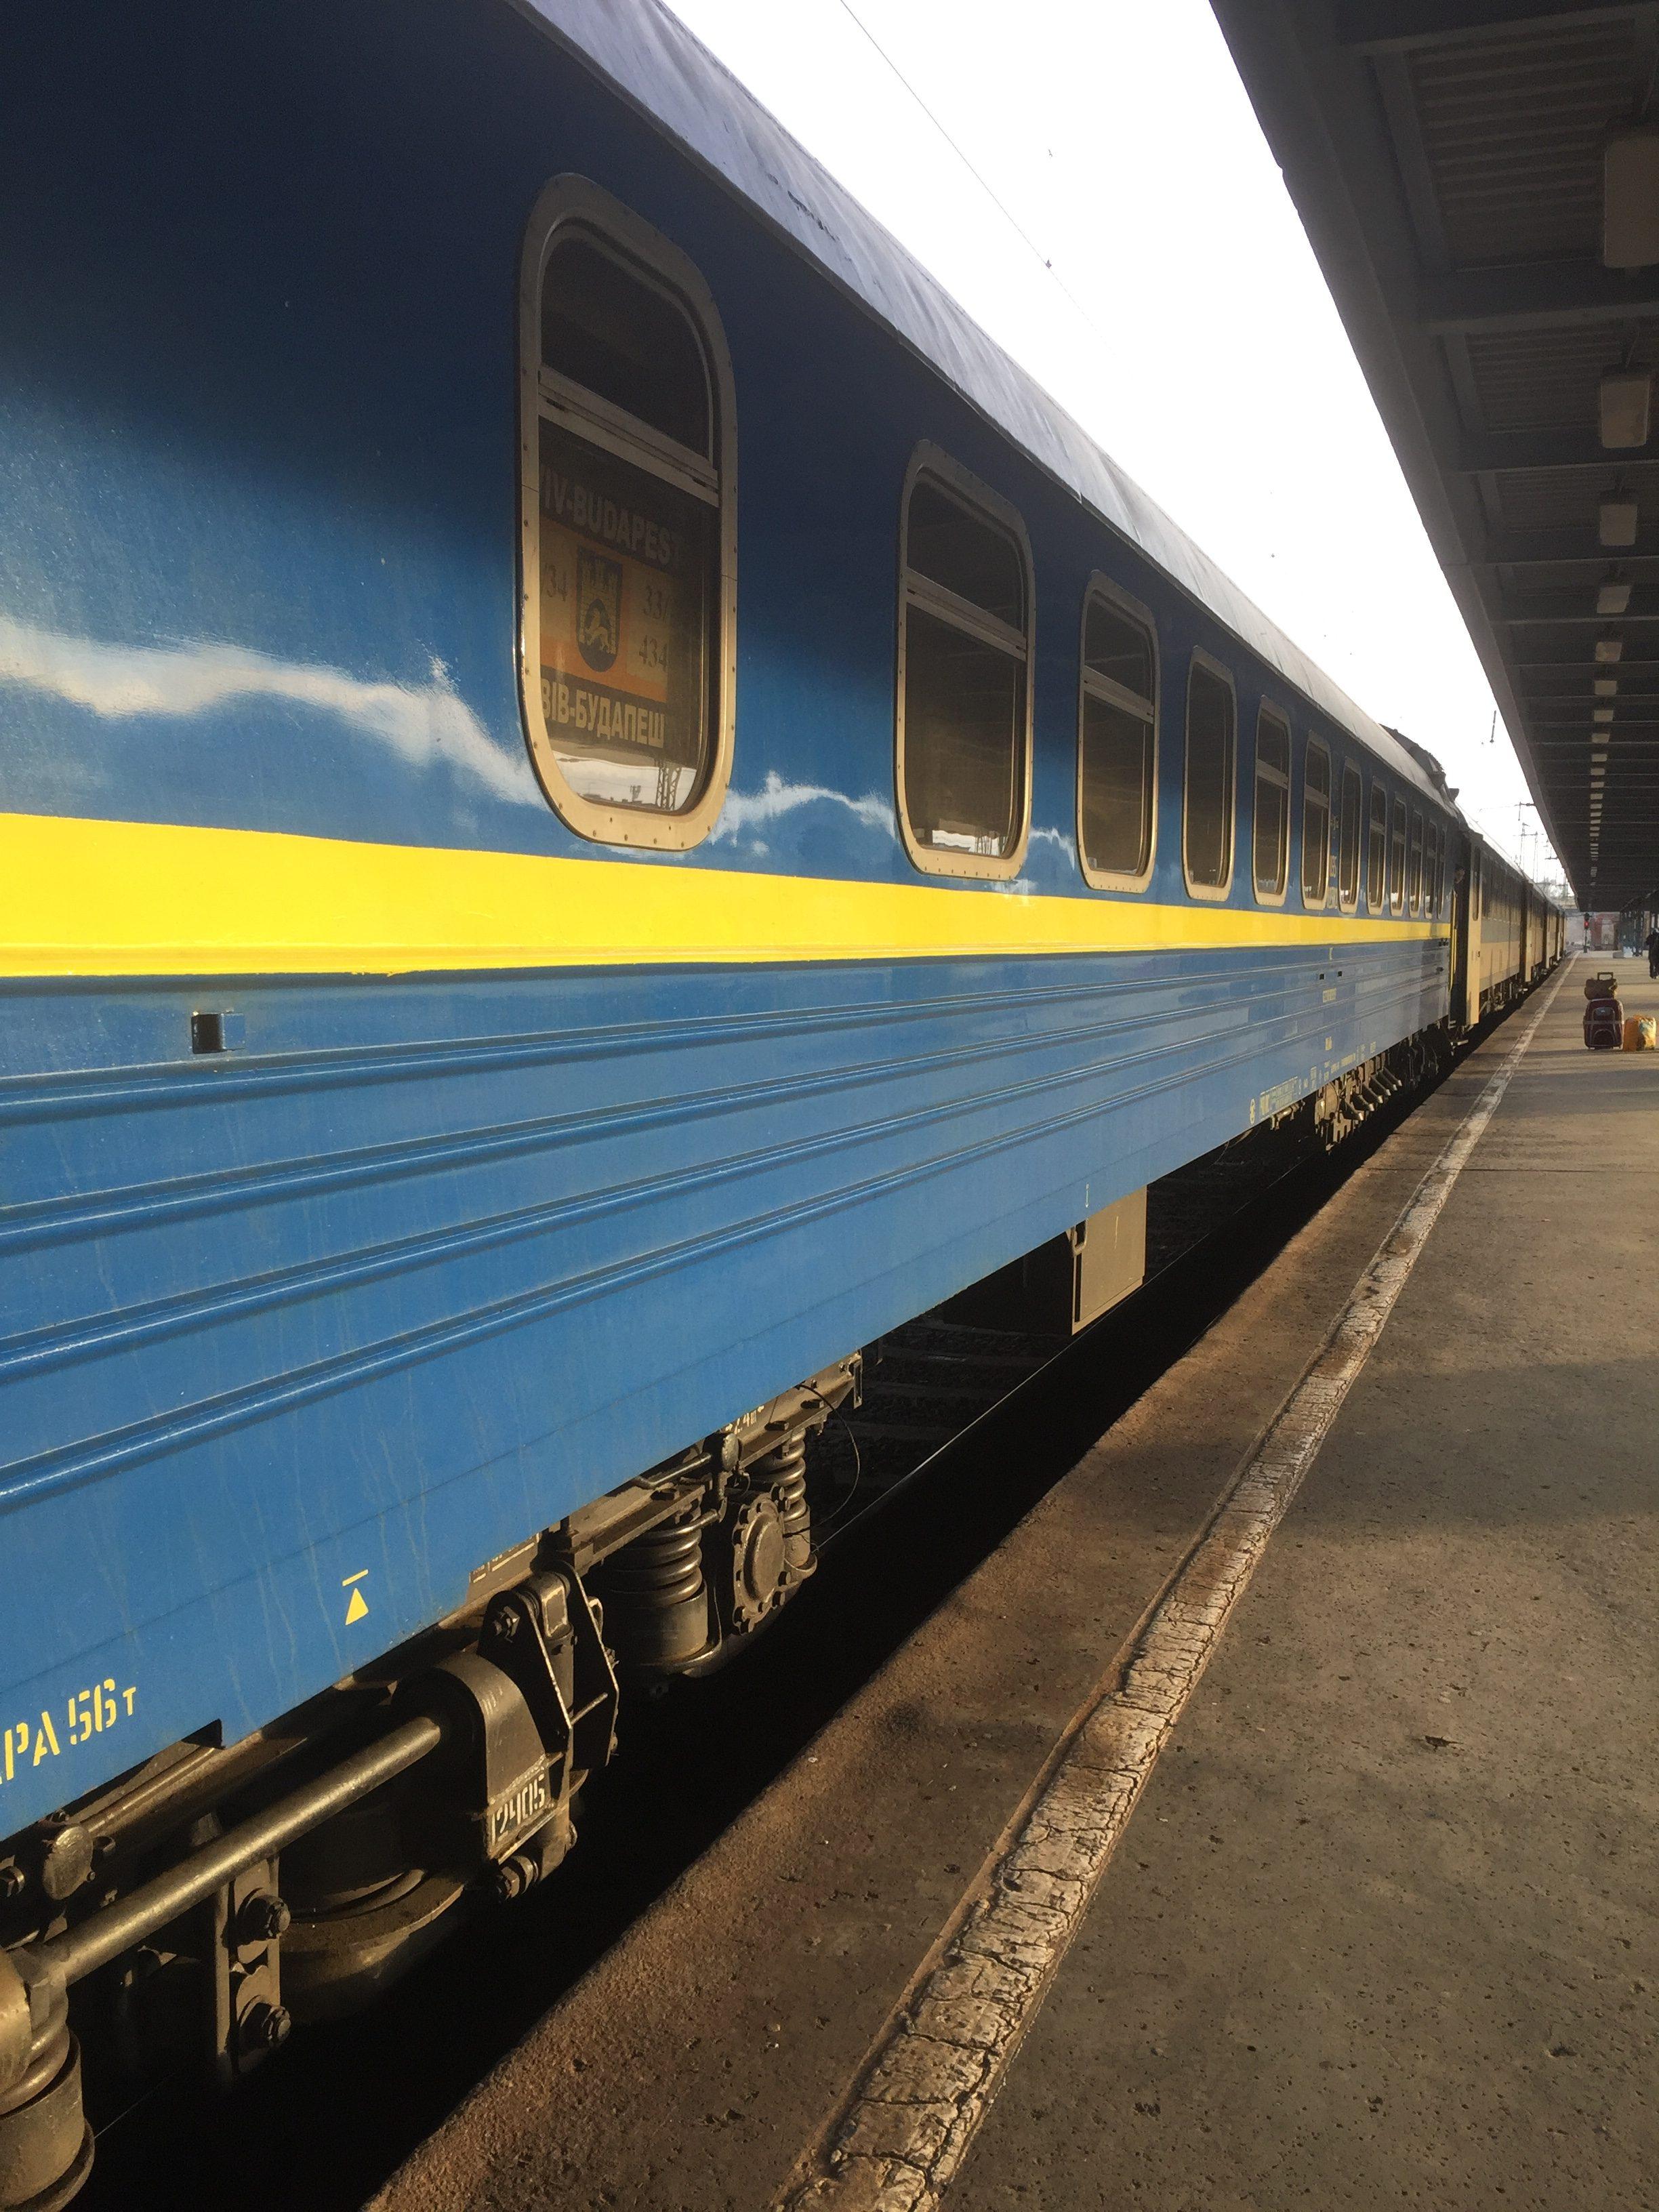 停車中の終点キエフ行きの列車